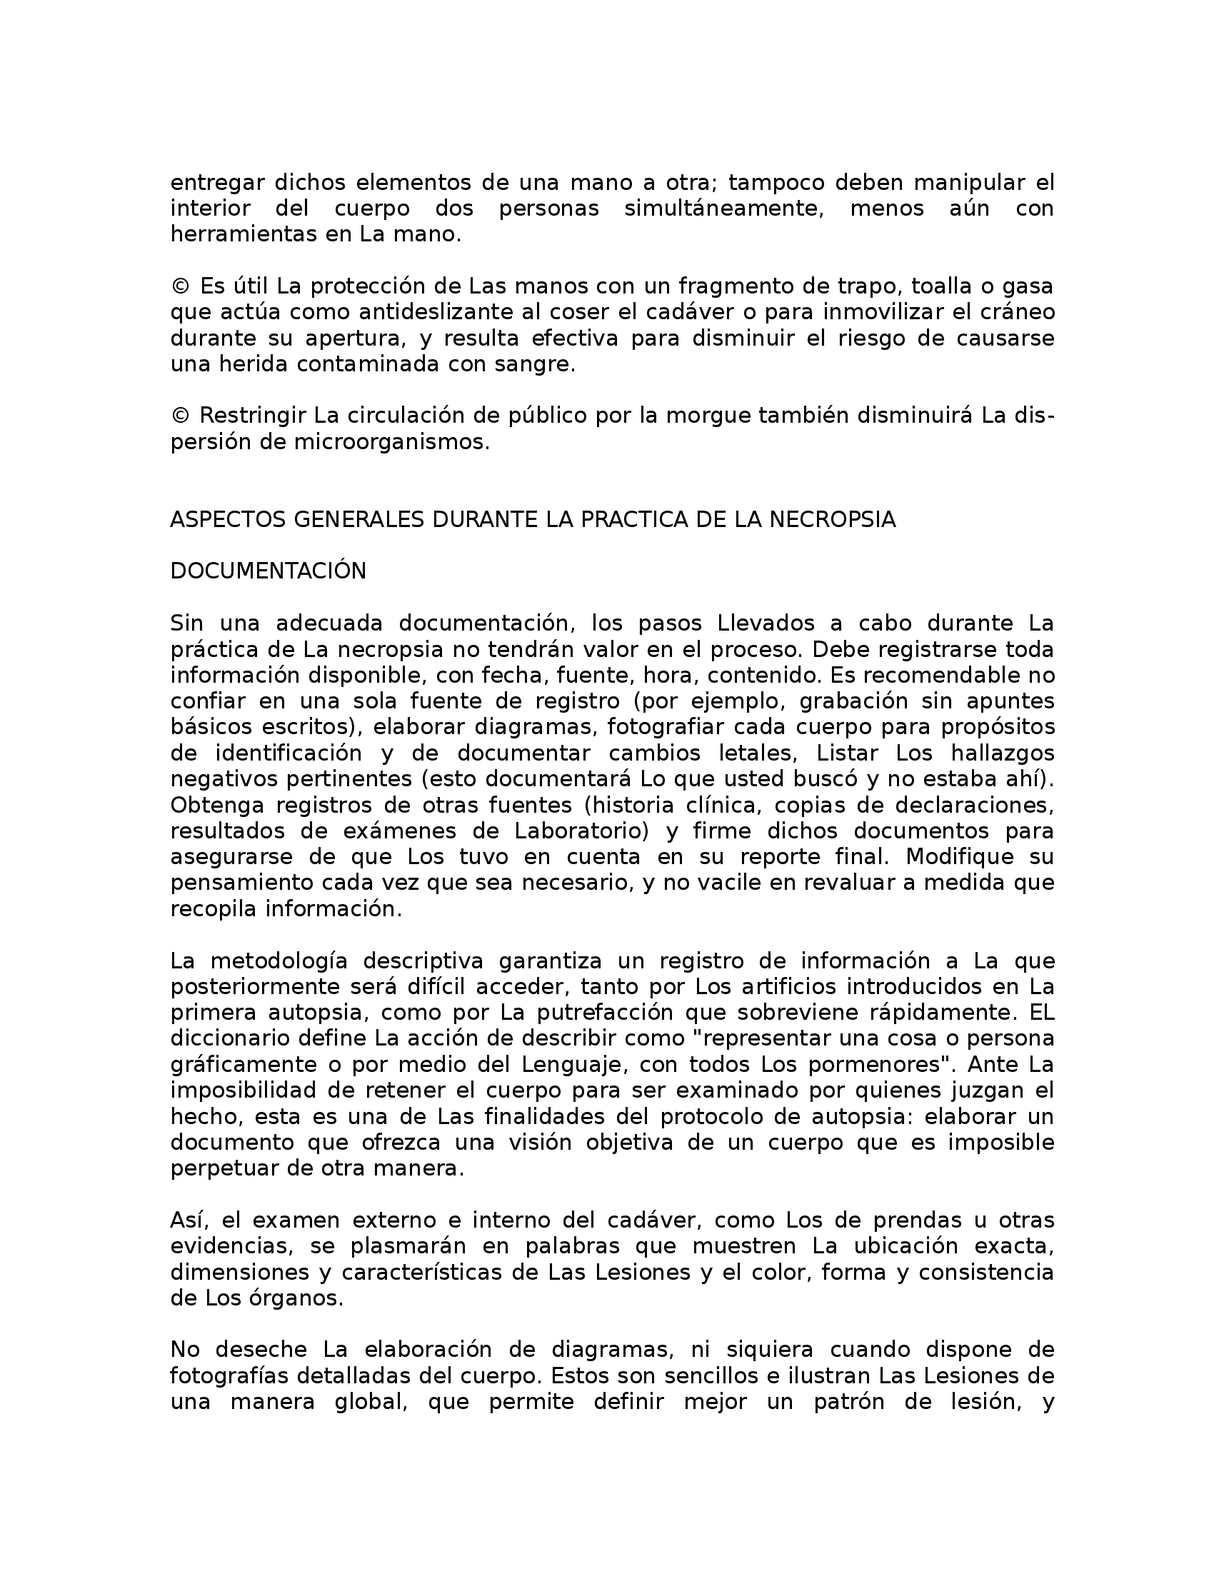 Manual para la Práctica de Autopsias Medicolegales. - CALAMEO Downloader